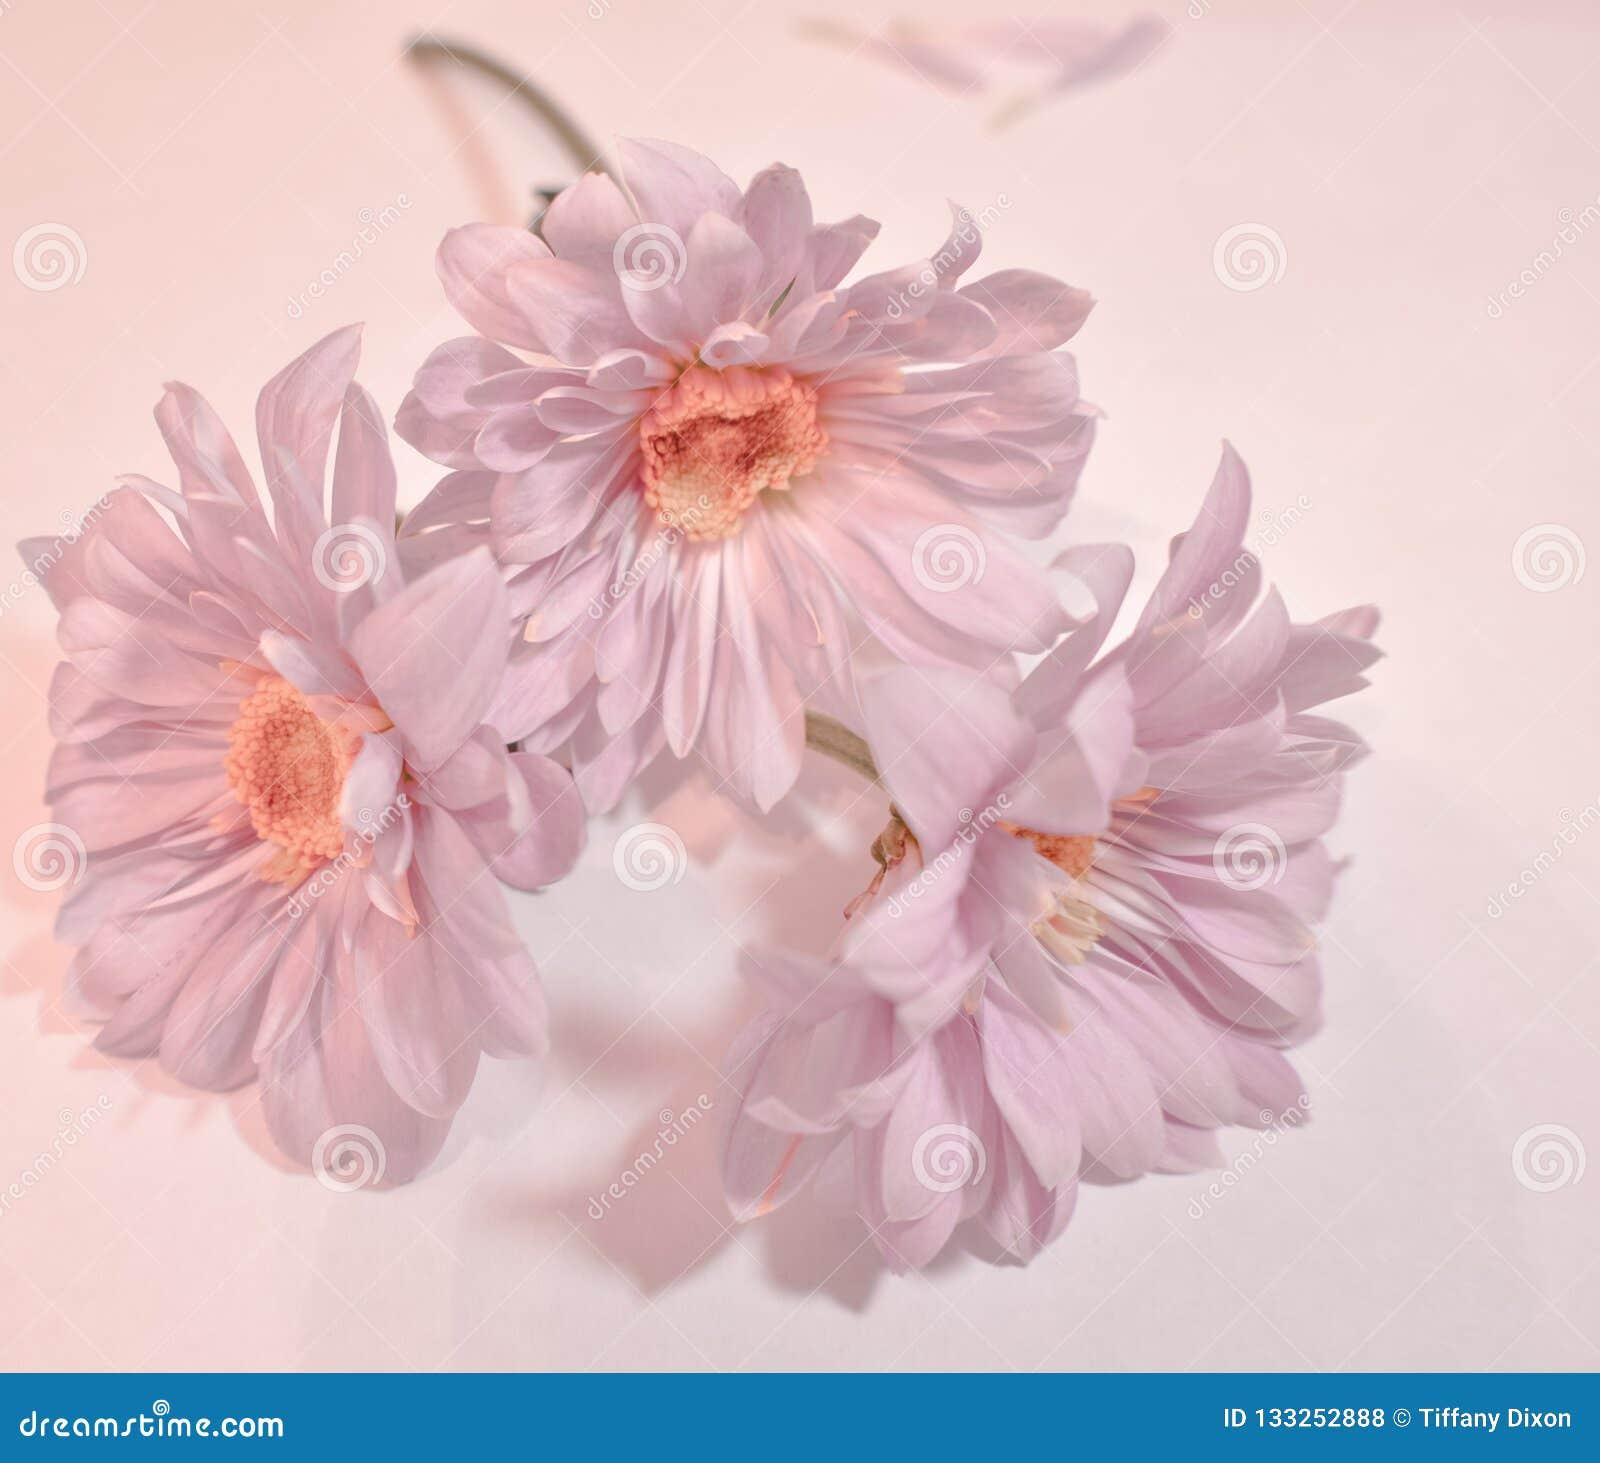 Trois marguerites de Gerbera de roses pâles dans un style romantique